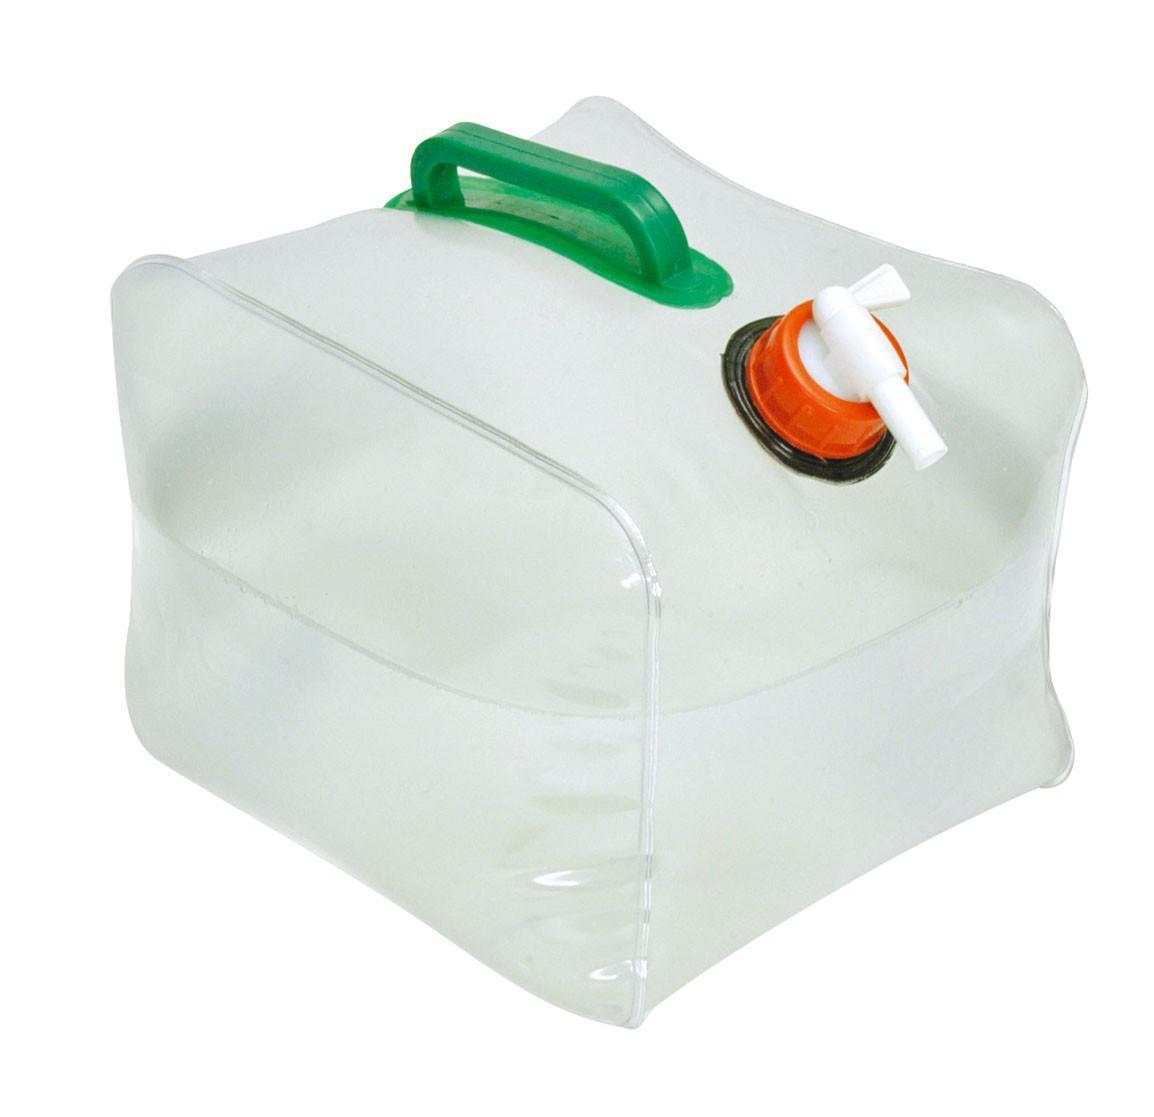 Складная канистра для воды 15 л.